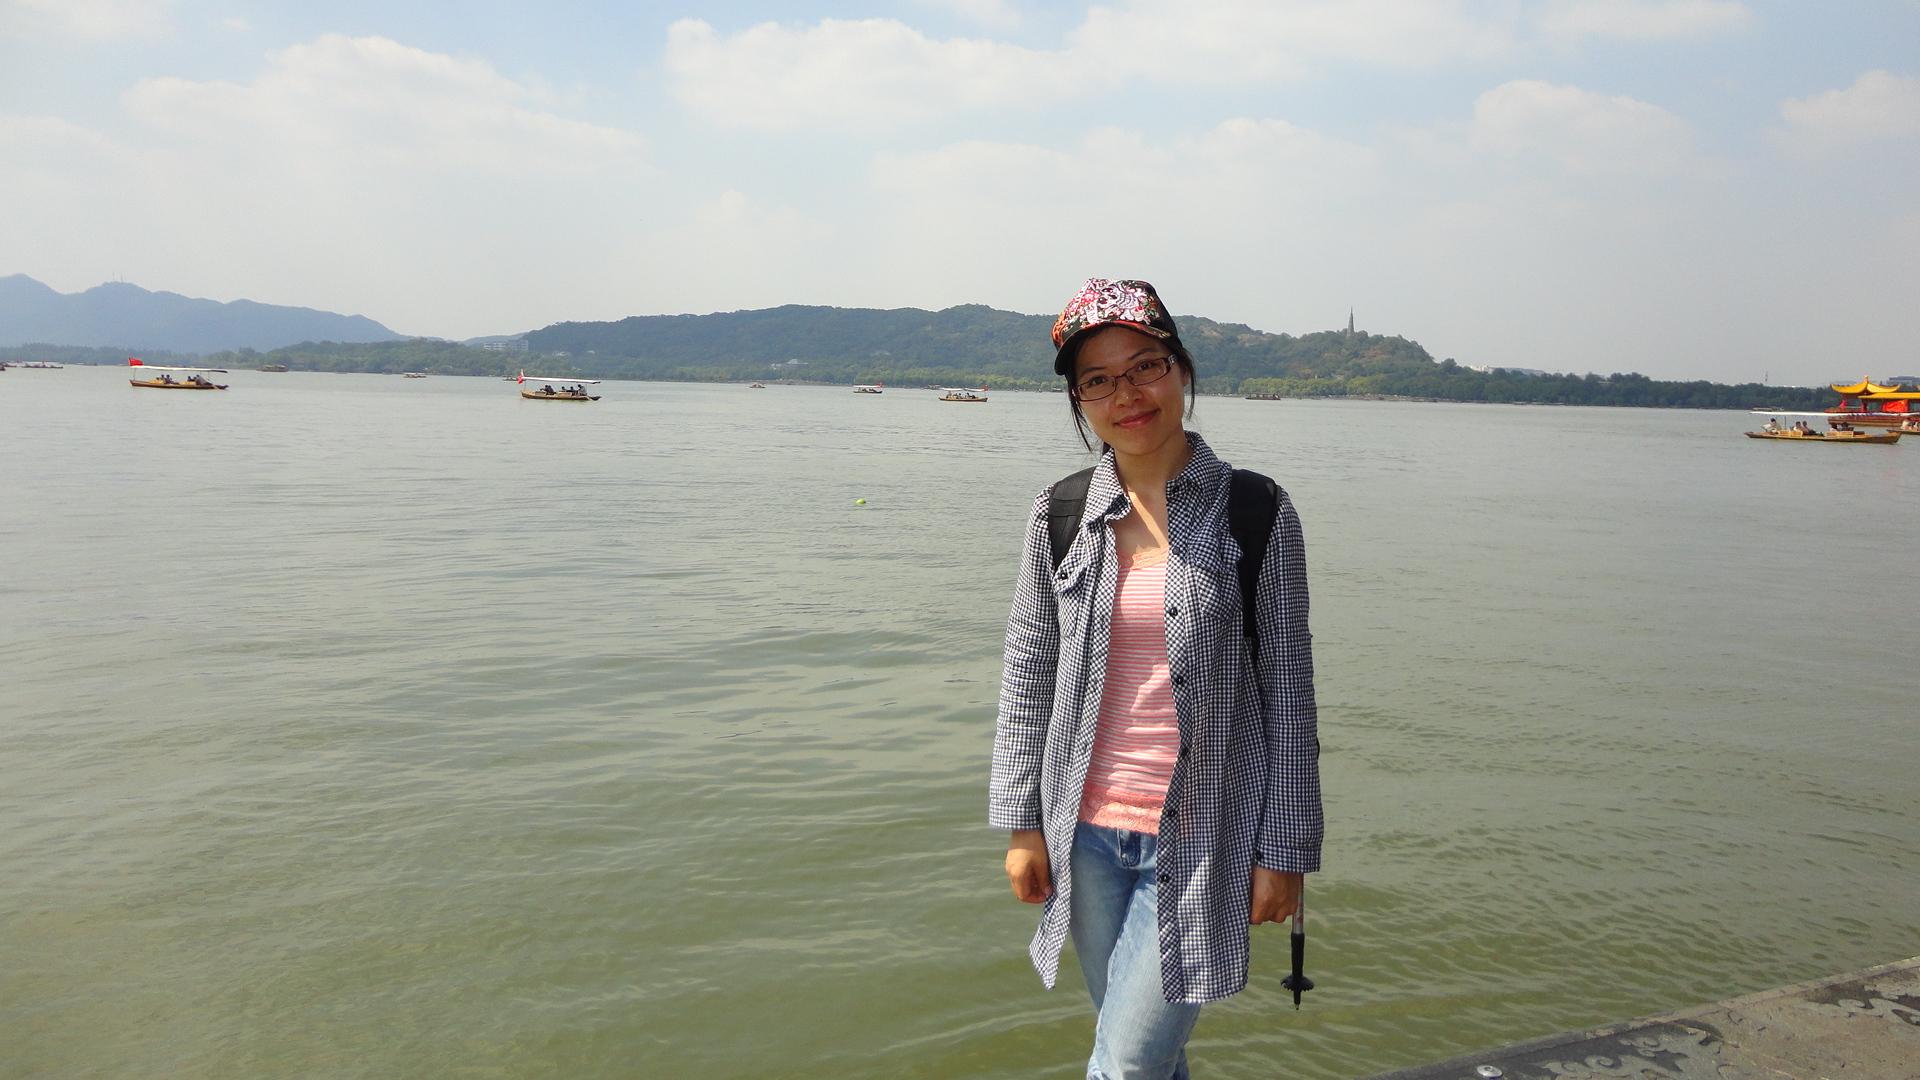 黄山- 杭州 自己走,邂逅路上的风景 - 杭州游记攻略